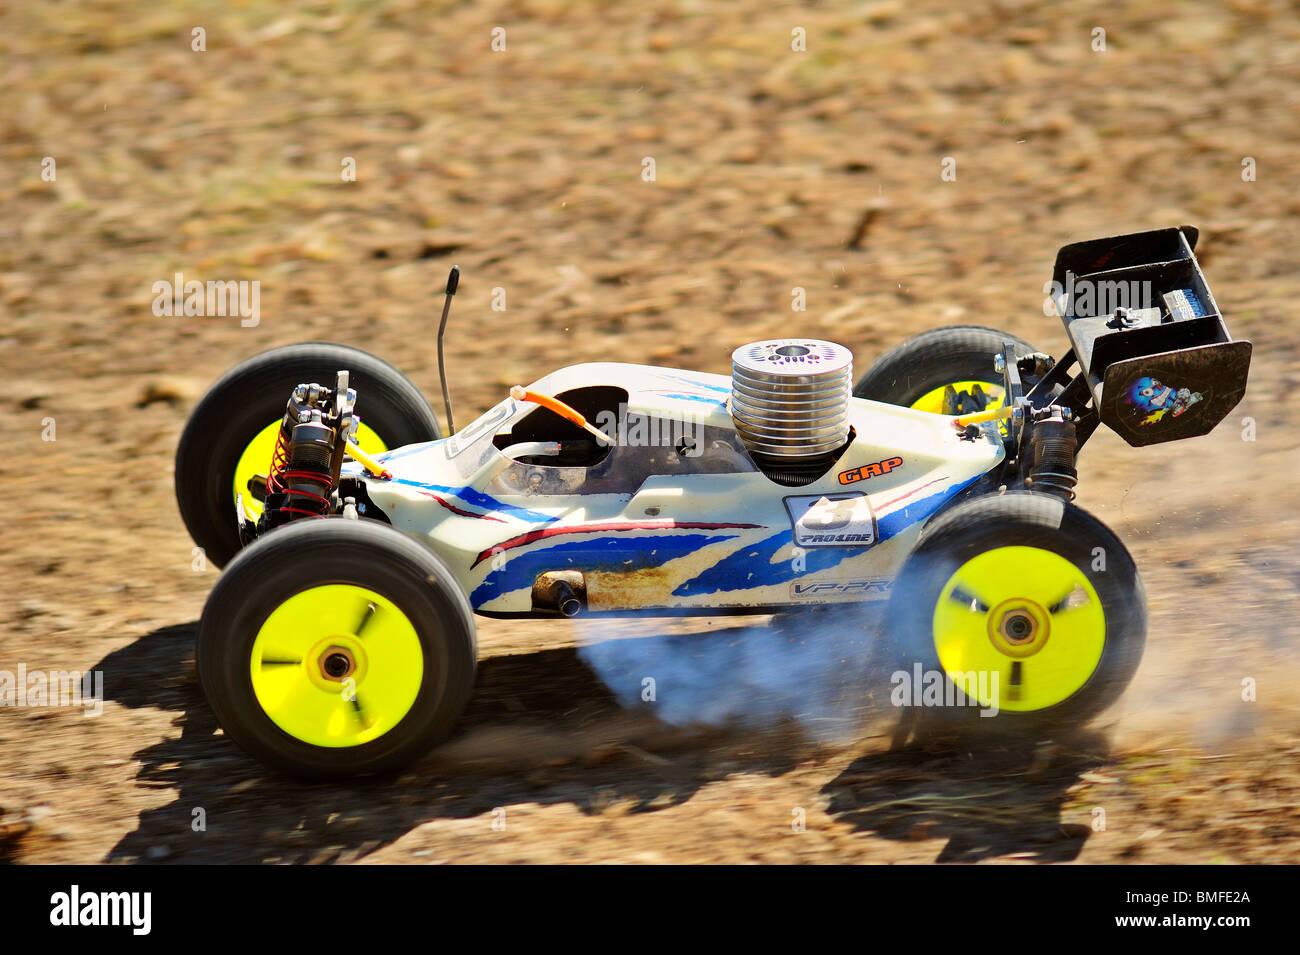 Un modello di vettura da corsa in accelerazione che si allontana da un salto su una pista sterrata. La sfocatura Immagini Stock